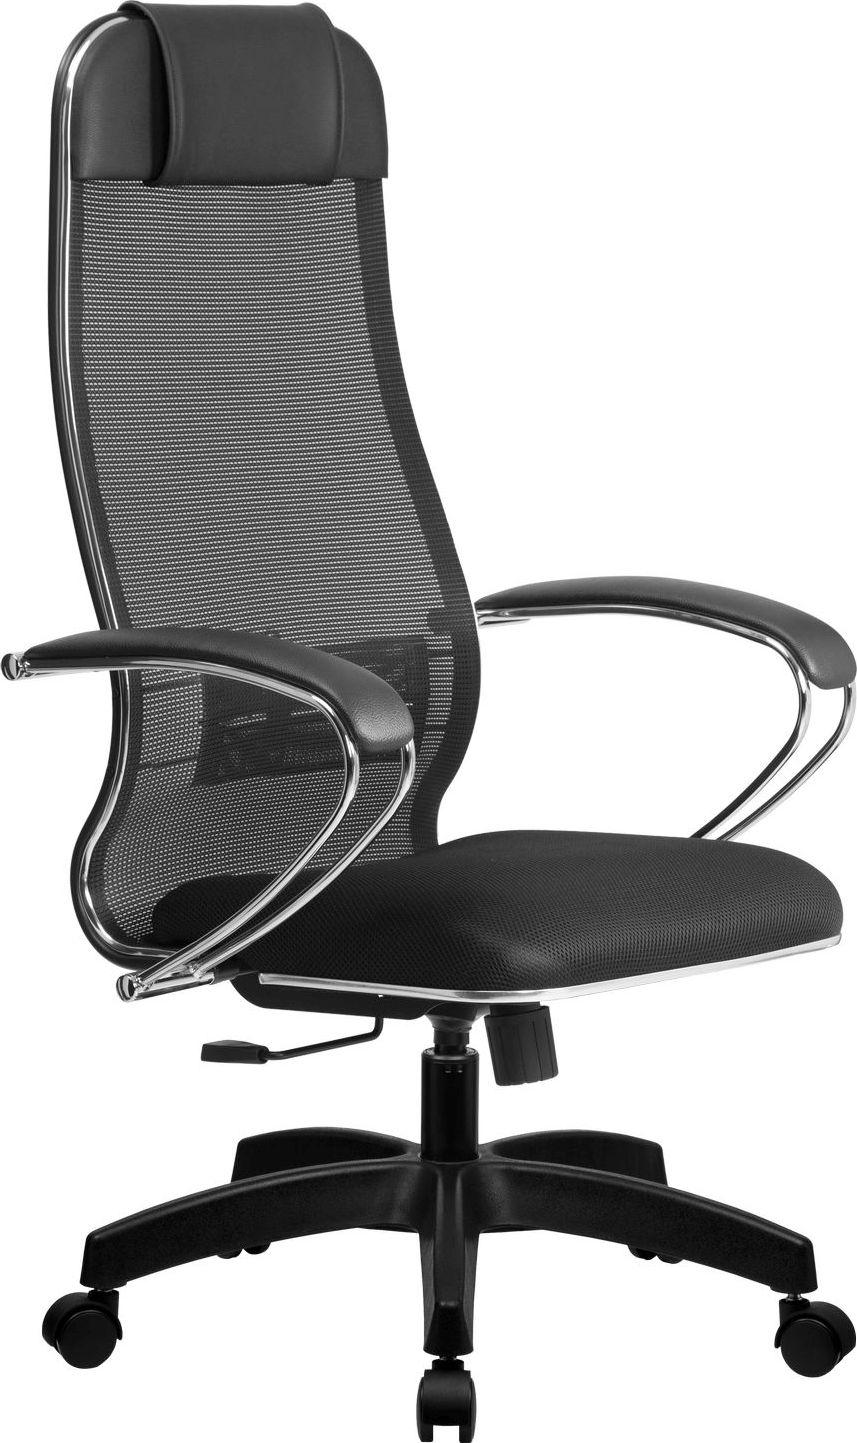 Купить Кресло для руководителя МЕТТА Комплект 15 PL за 9910 ₽ в Новокузнецке — интернет-магазин VITTO